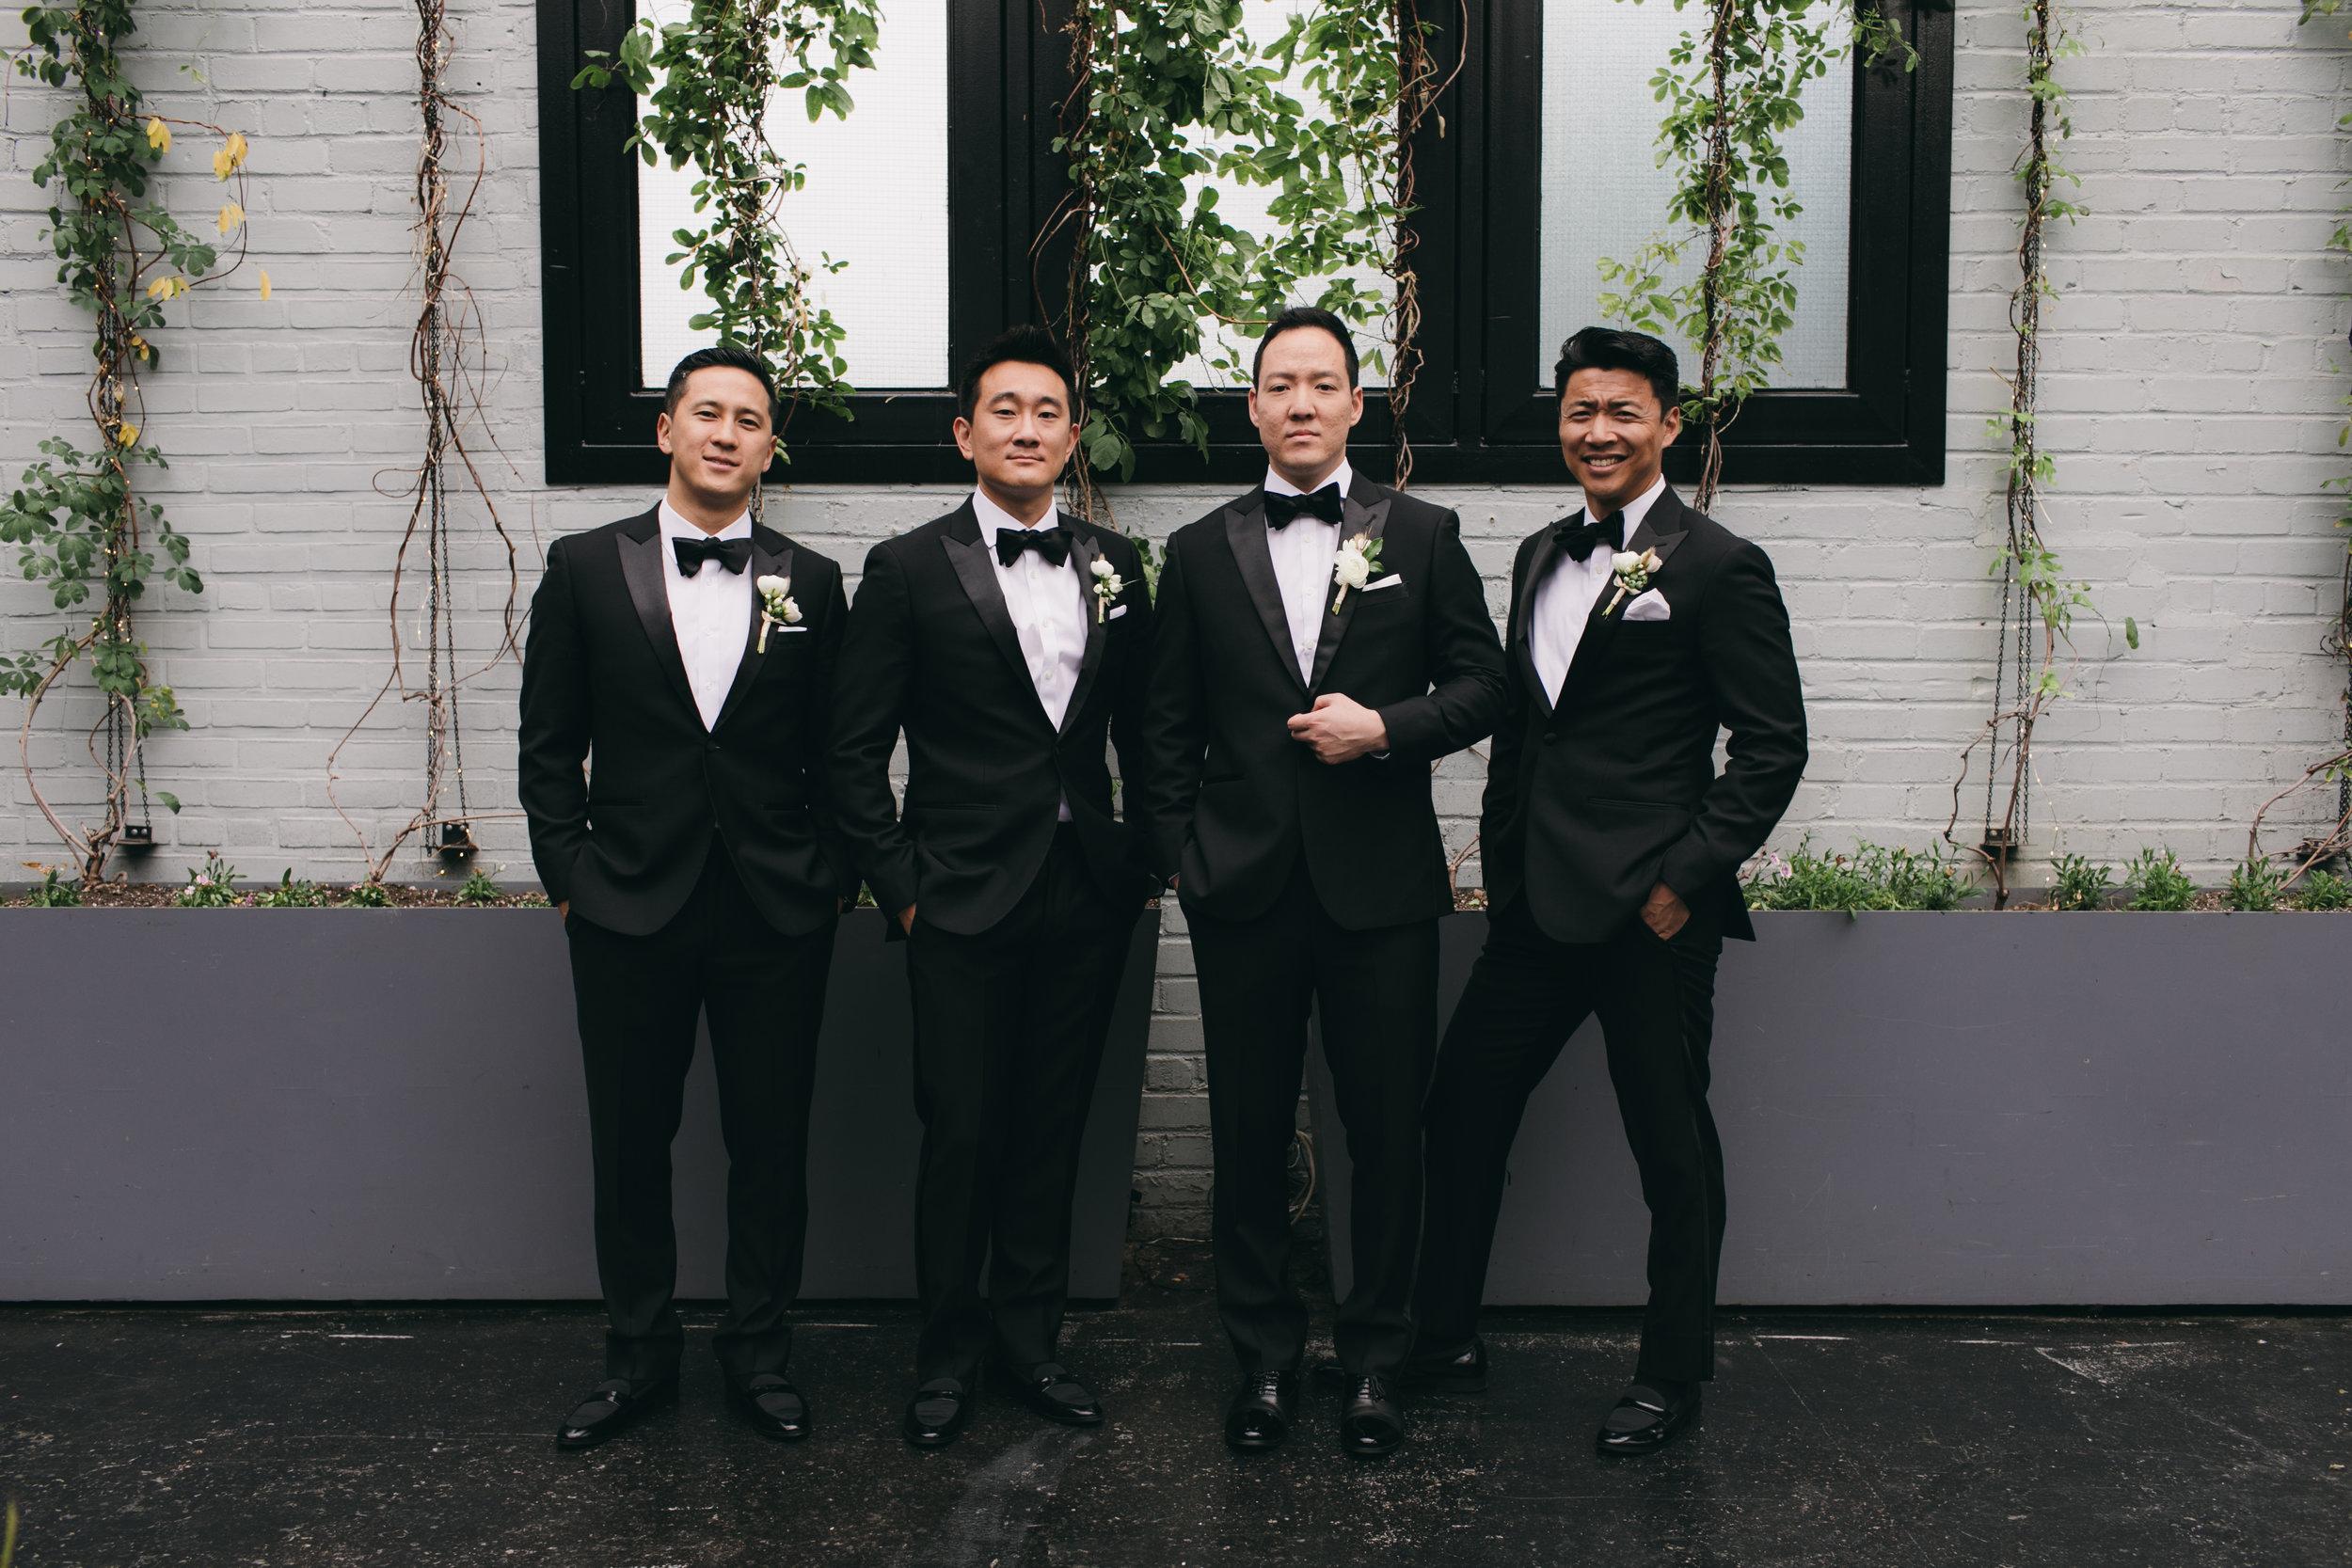 Quyn Duong 501 Union Brooklyn Wedding 0020.JPG